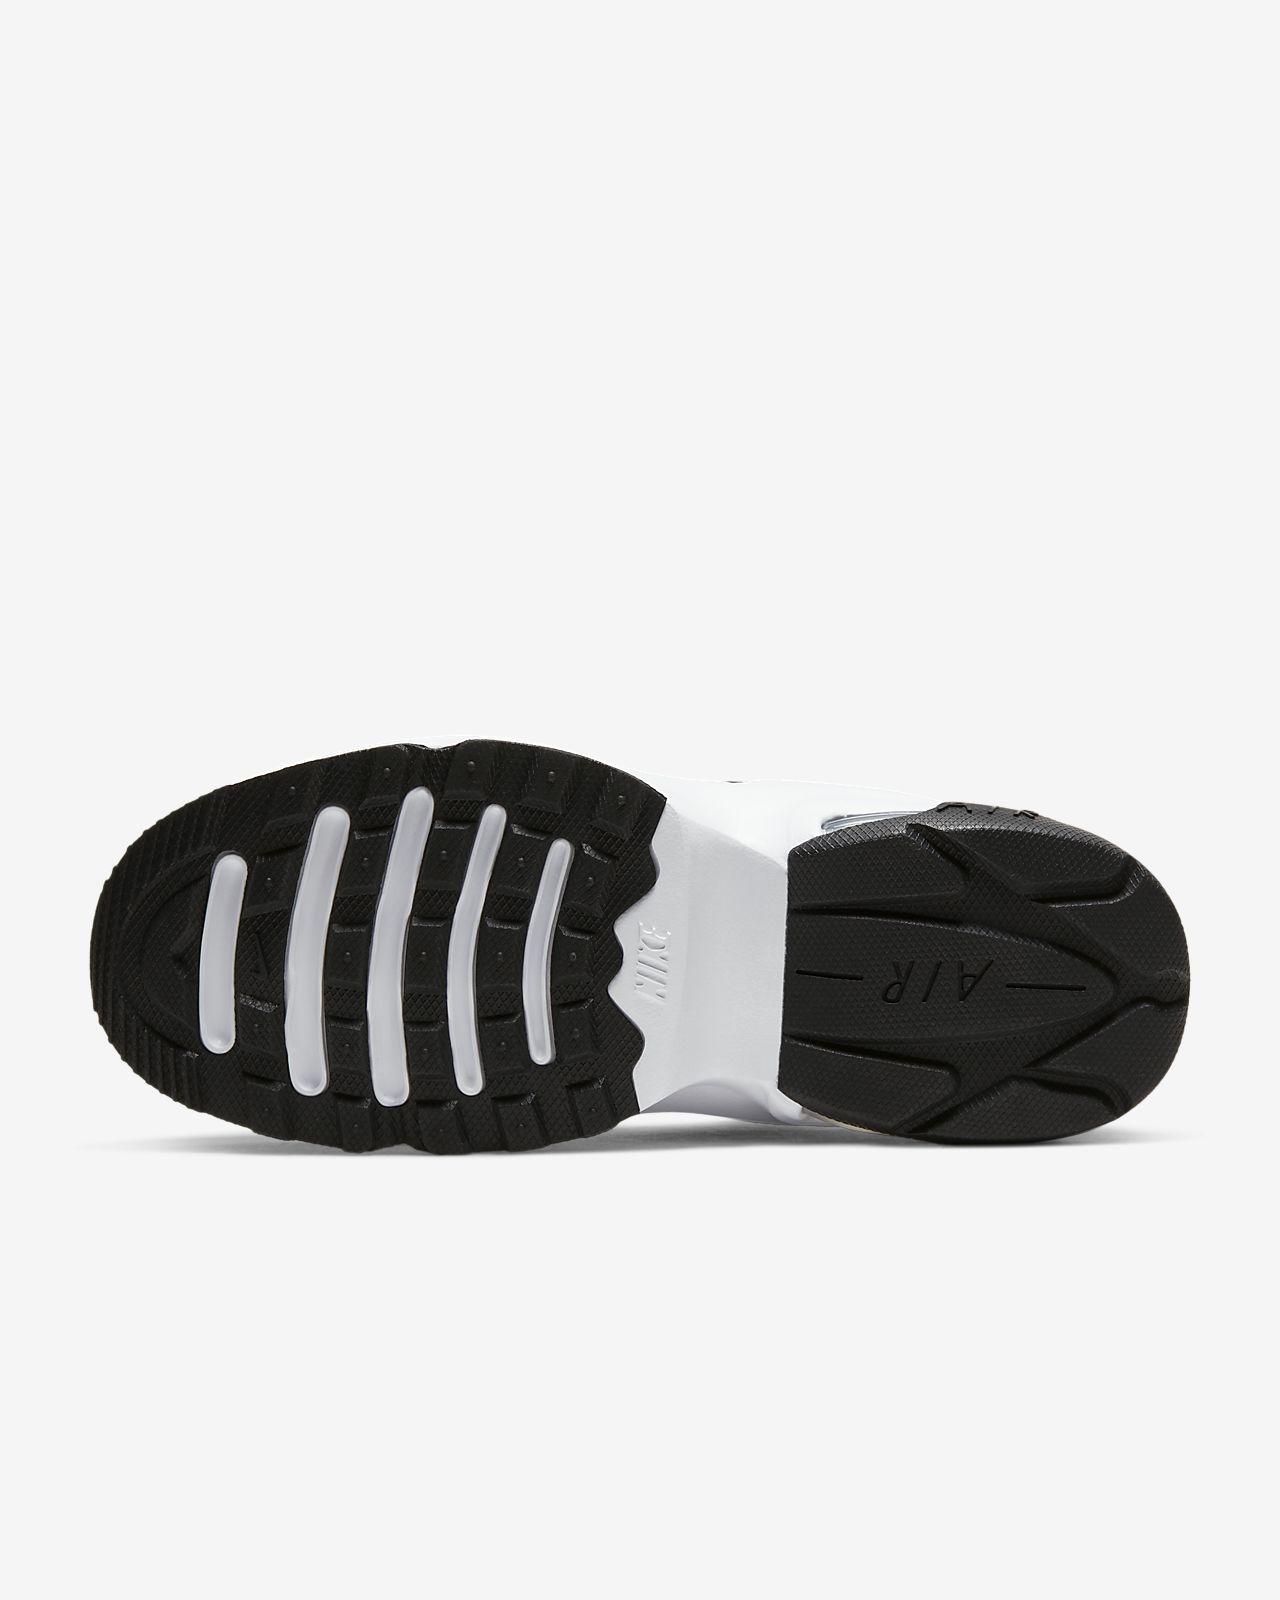 Nike Air Max Graviton Damenschuh